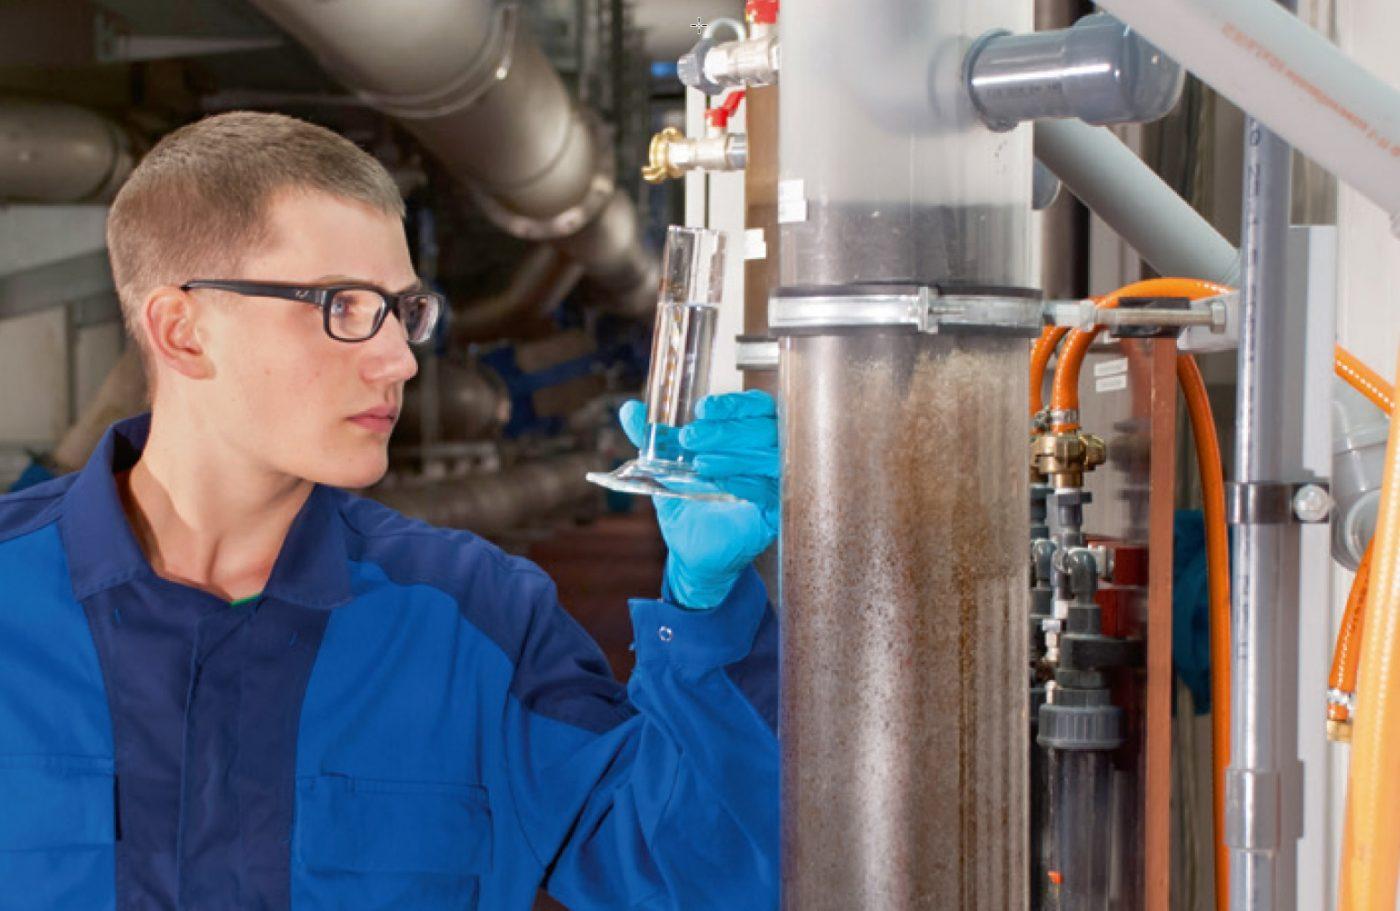 Ausbildung zur Fachkraft für Abwassertechnik (m/w/d)